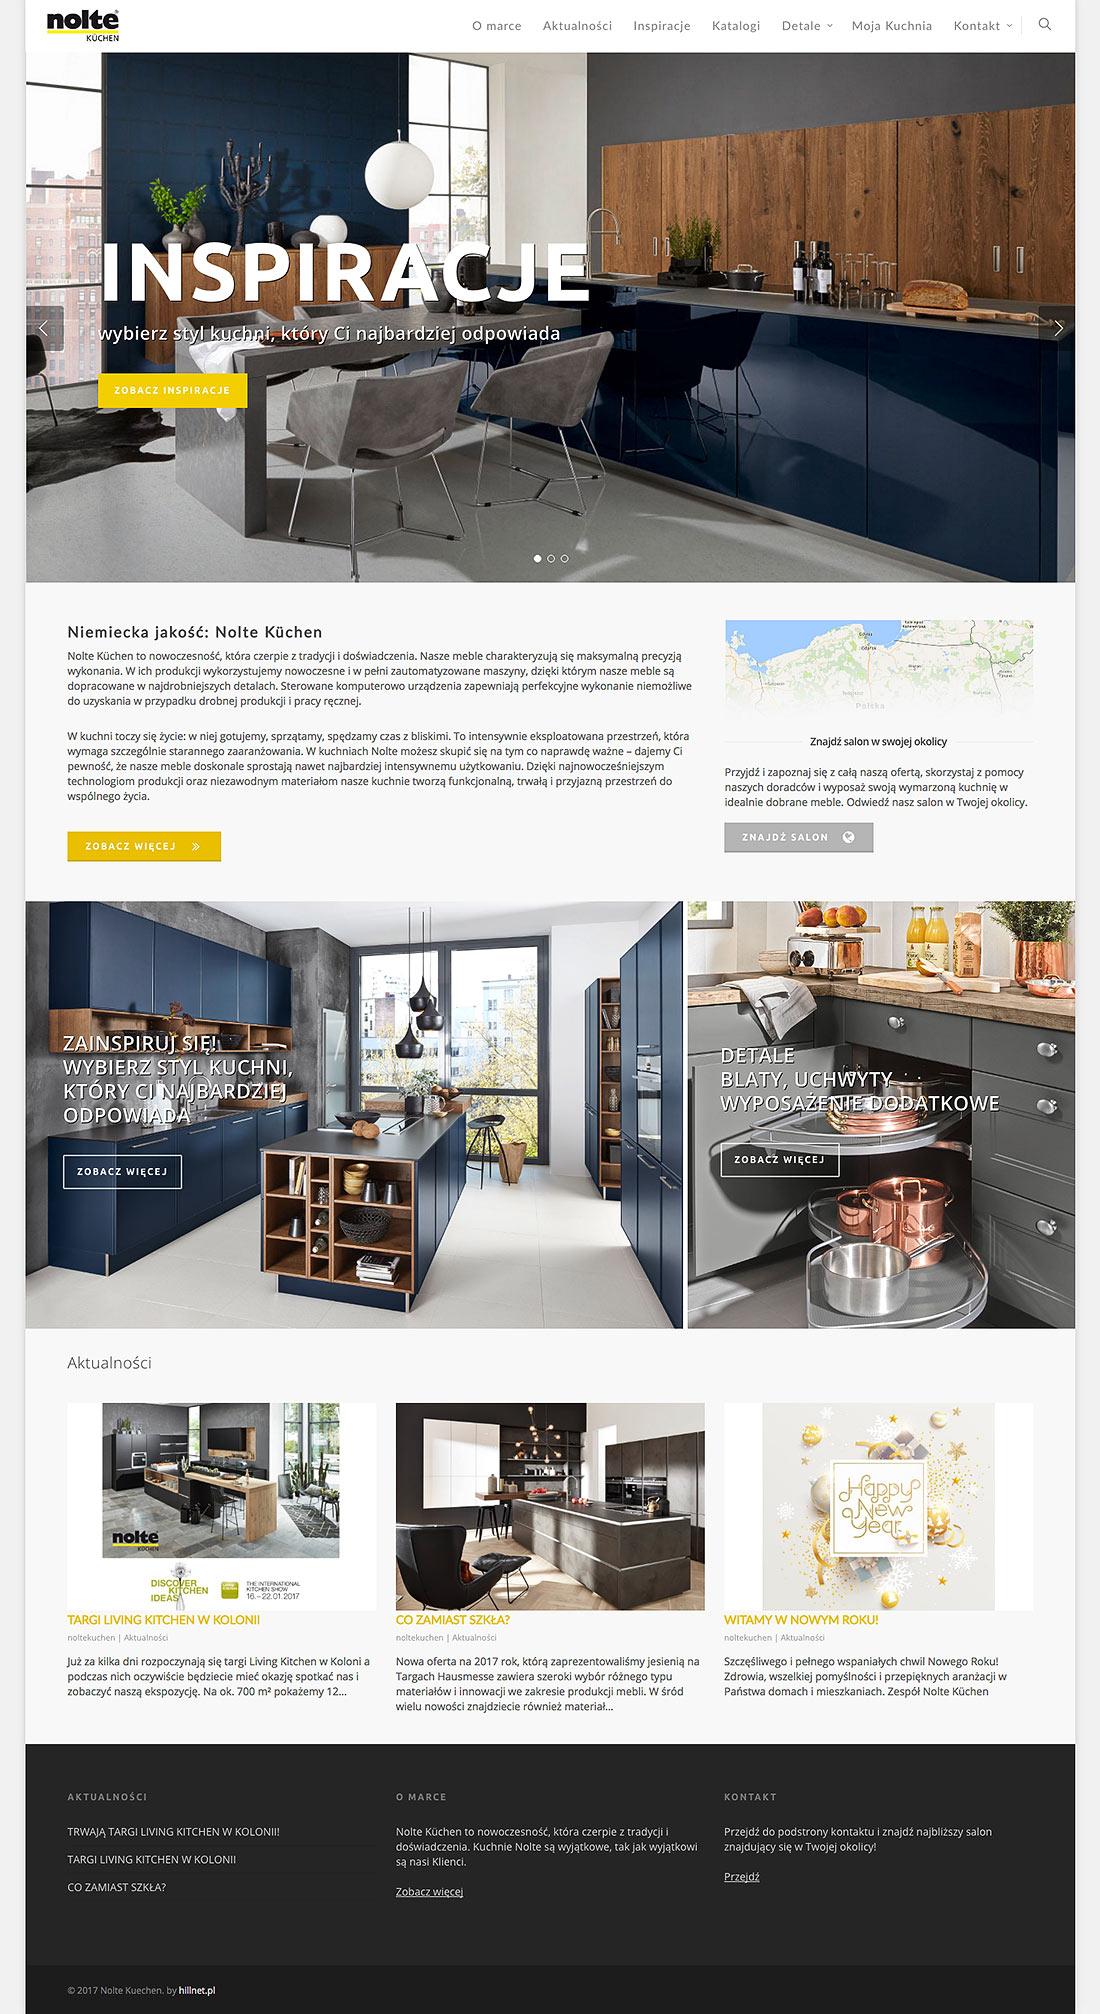 Nolte Kuechen projekt strony internetowej